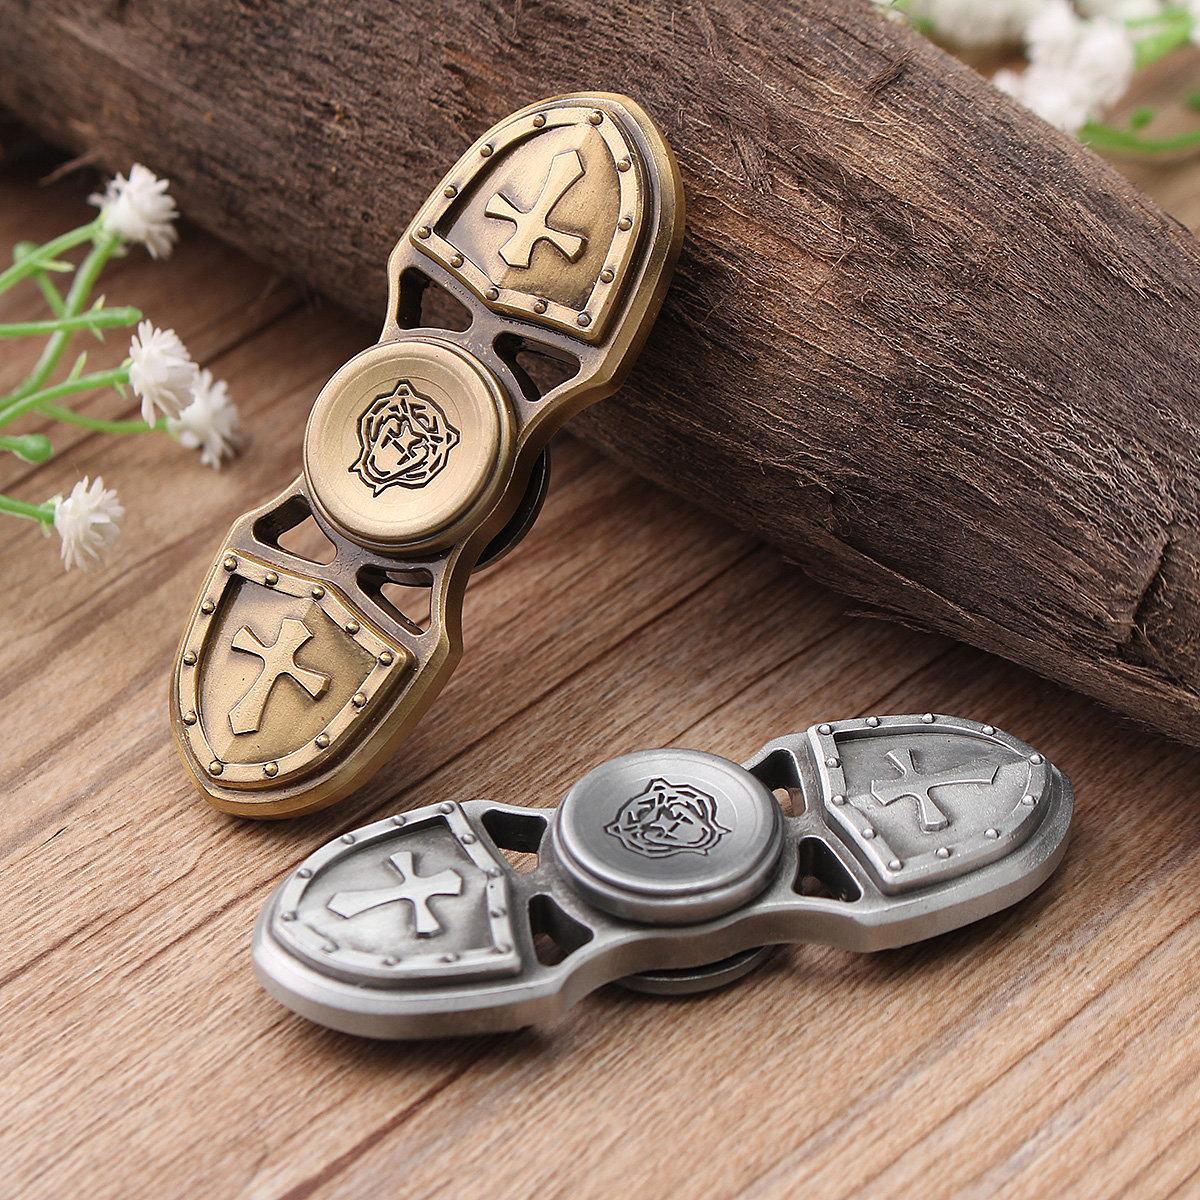 Crusader EDC Hand Fidget Spinner Titanium Alloy Finger Gyroscope Focus Toy Gift